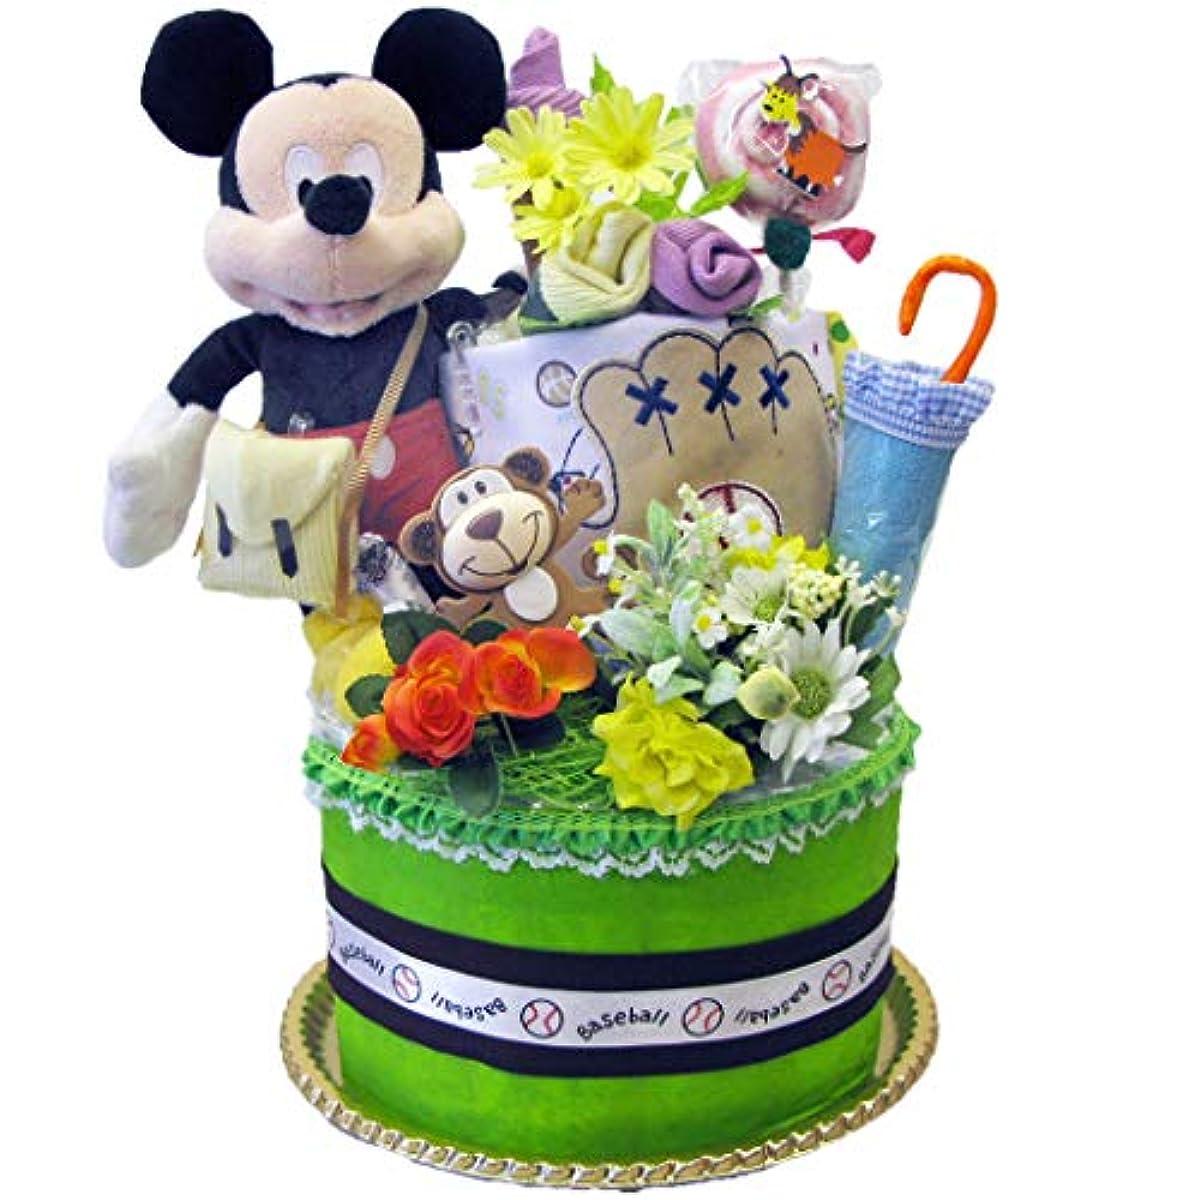 世辞弾力性のある生き返らせるディズニー ミッキー 男の子 おむつケーキ 出産祝い パンパース 24枚 ベビー 人気 カーターズ disney baby DK2101A-S (ミッキーマウス)